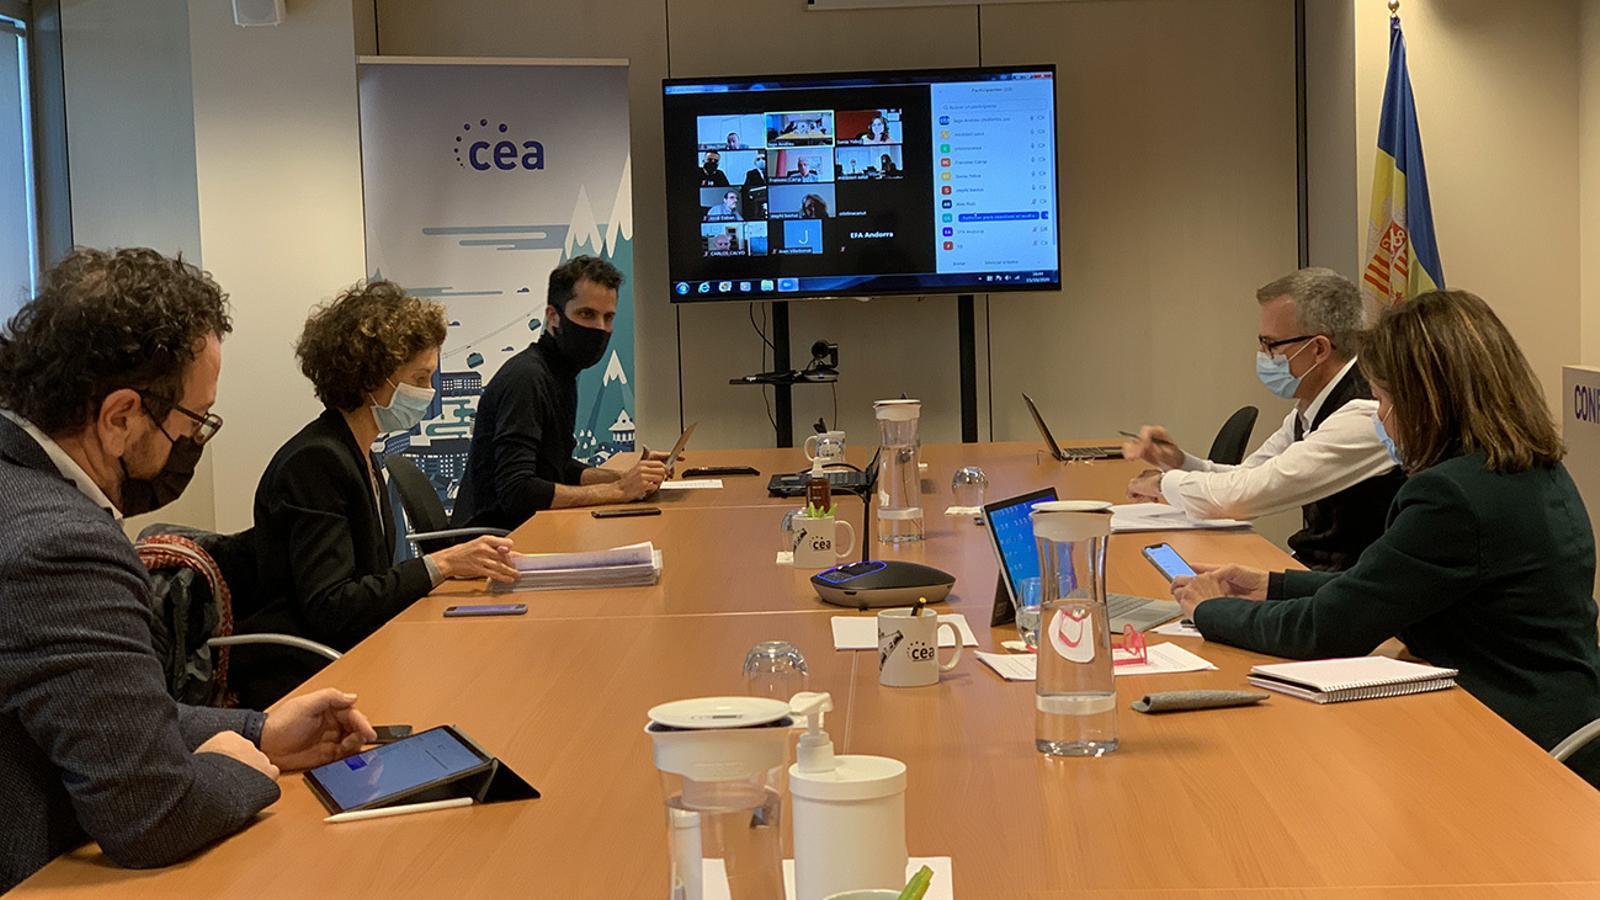 La reunió que ha tingut lloc aquest dijous a la CEA i de forma telemàtica. / CEA